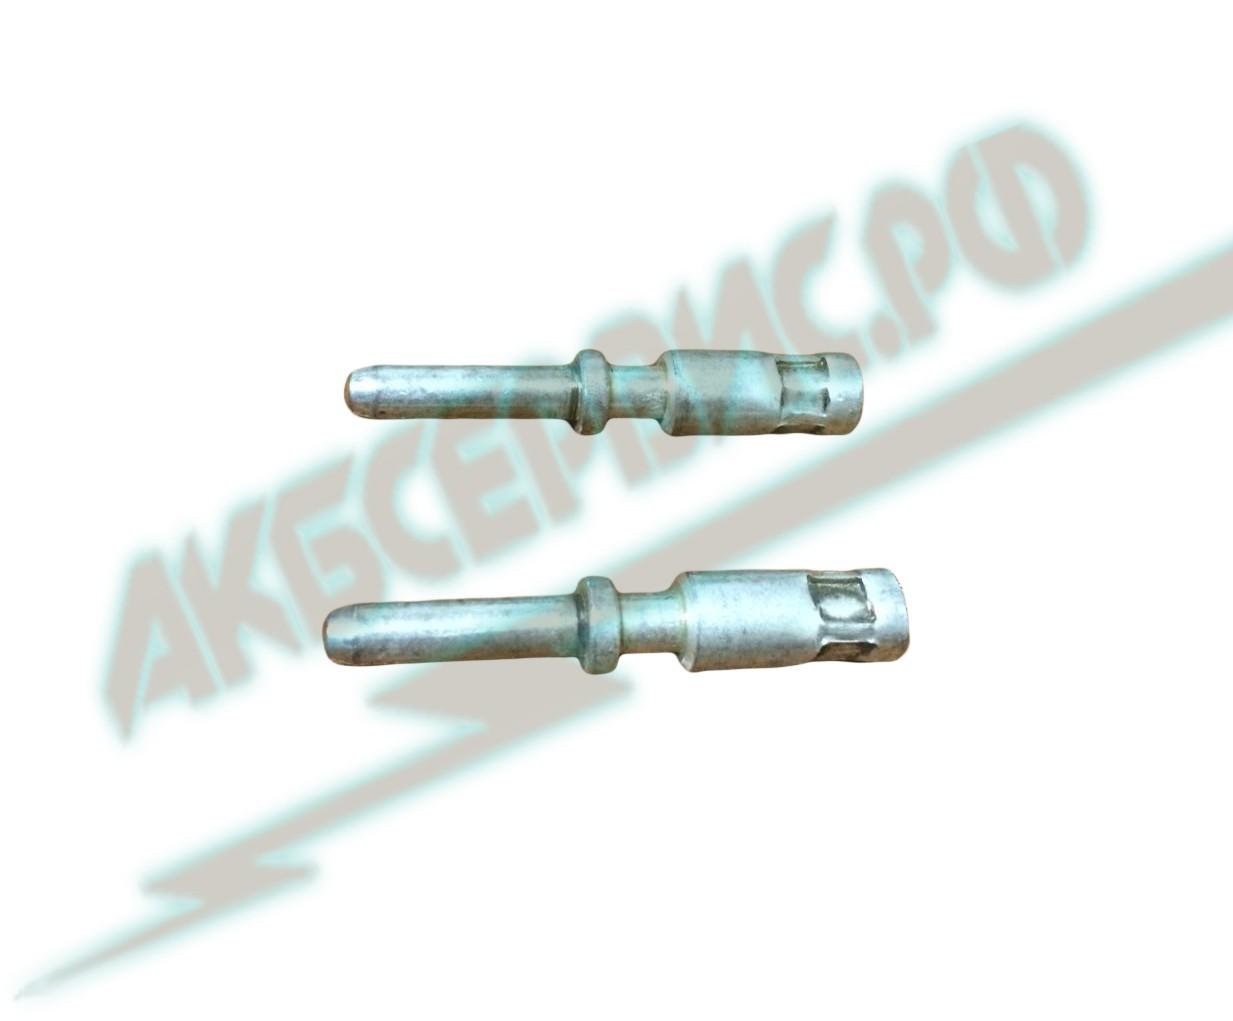 Акбсервис.РФ | Доп.контакты 150V80A.